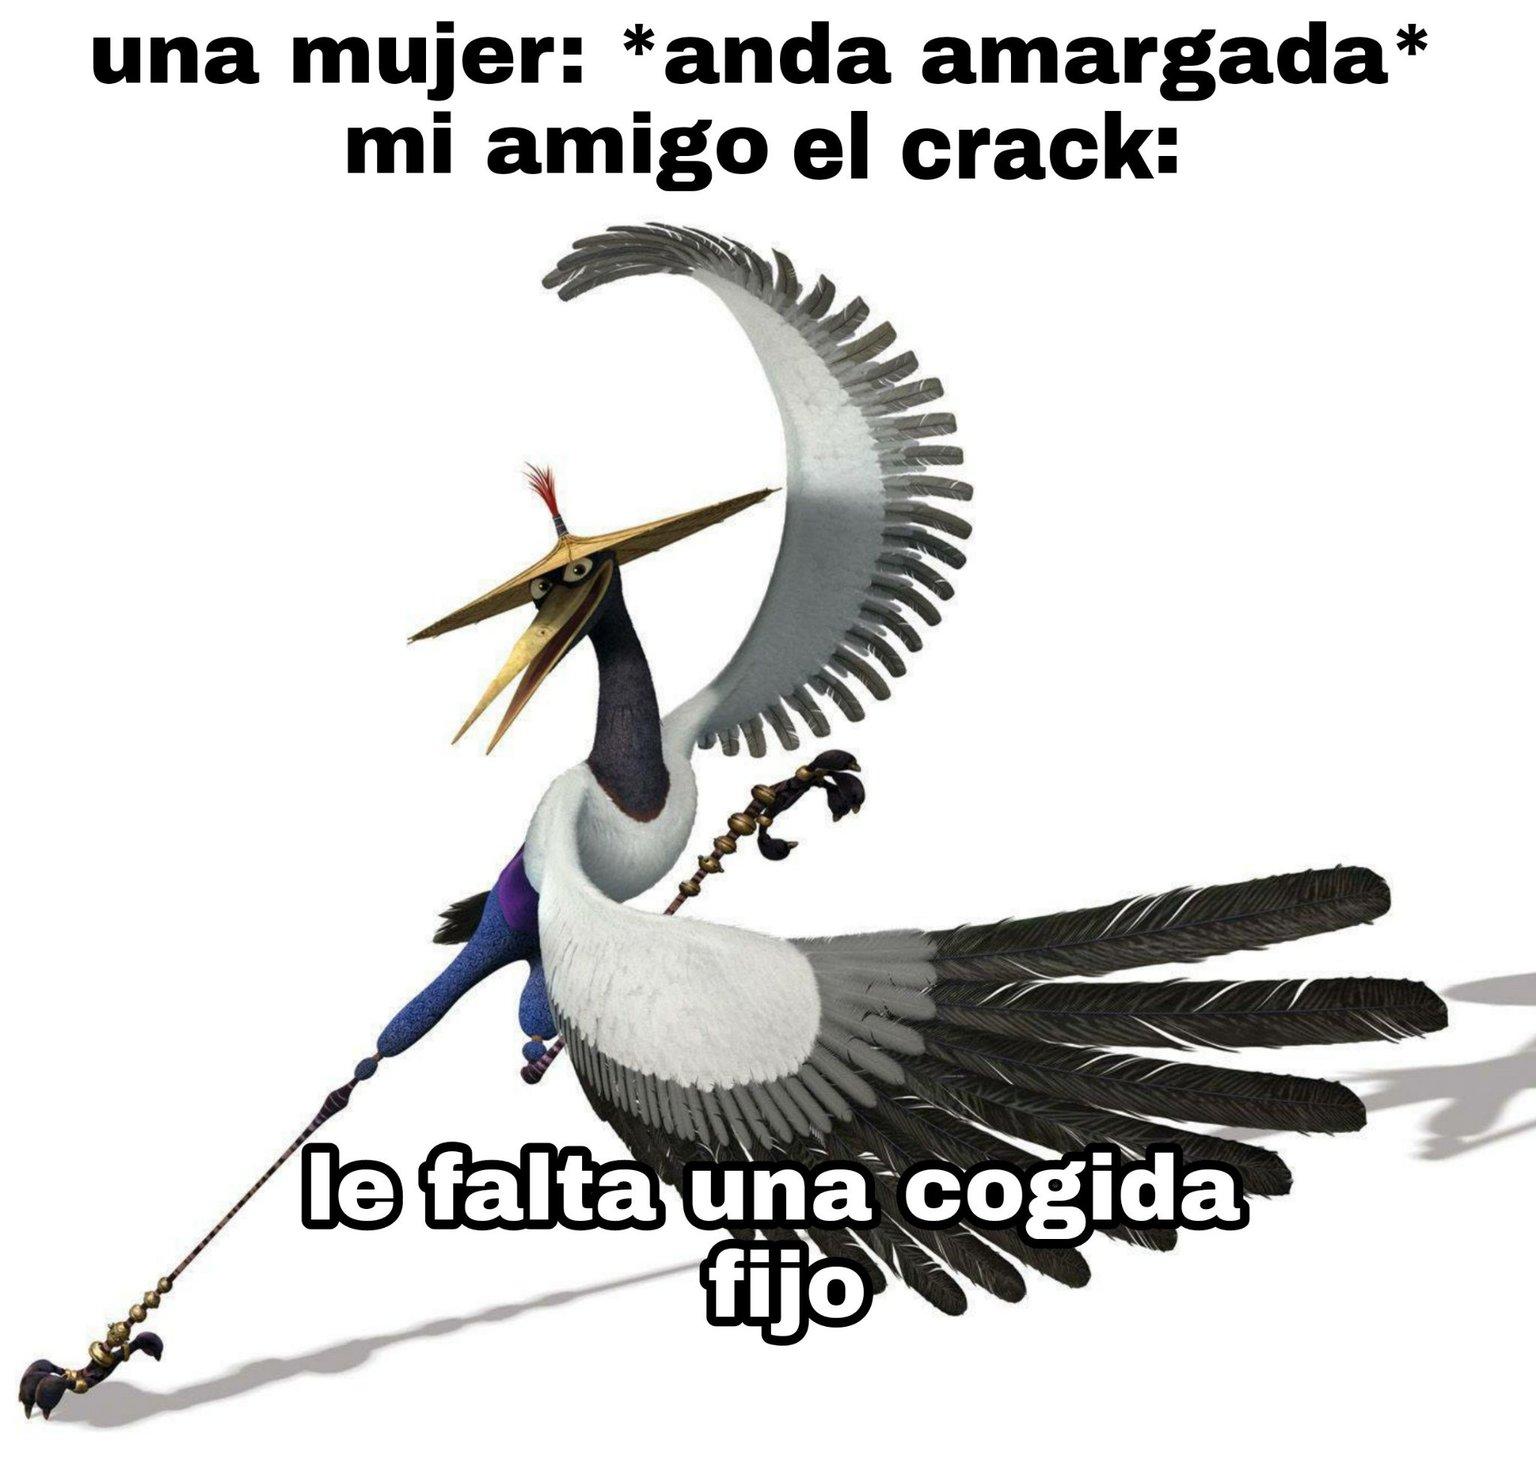 Españoles: ok *la agarran y levantan como un objeto* - meme